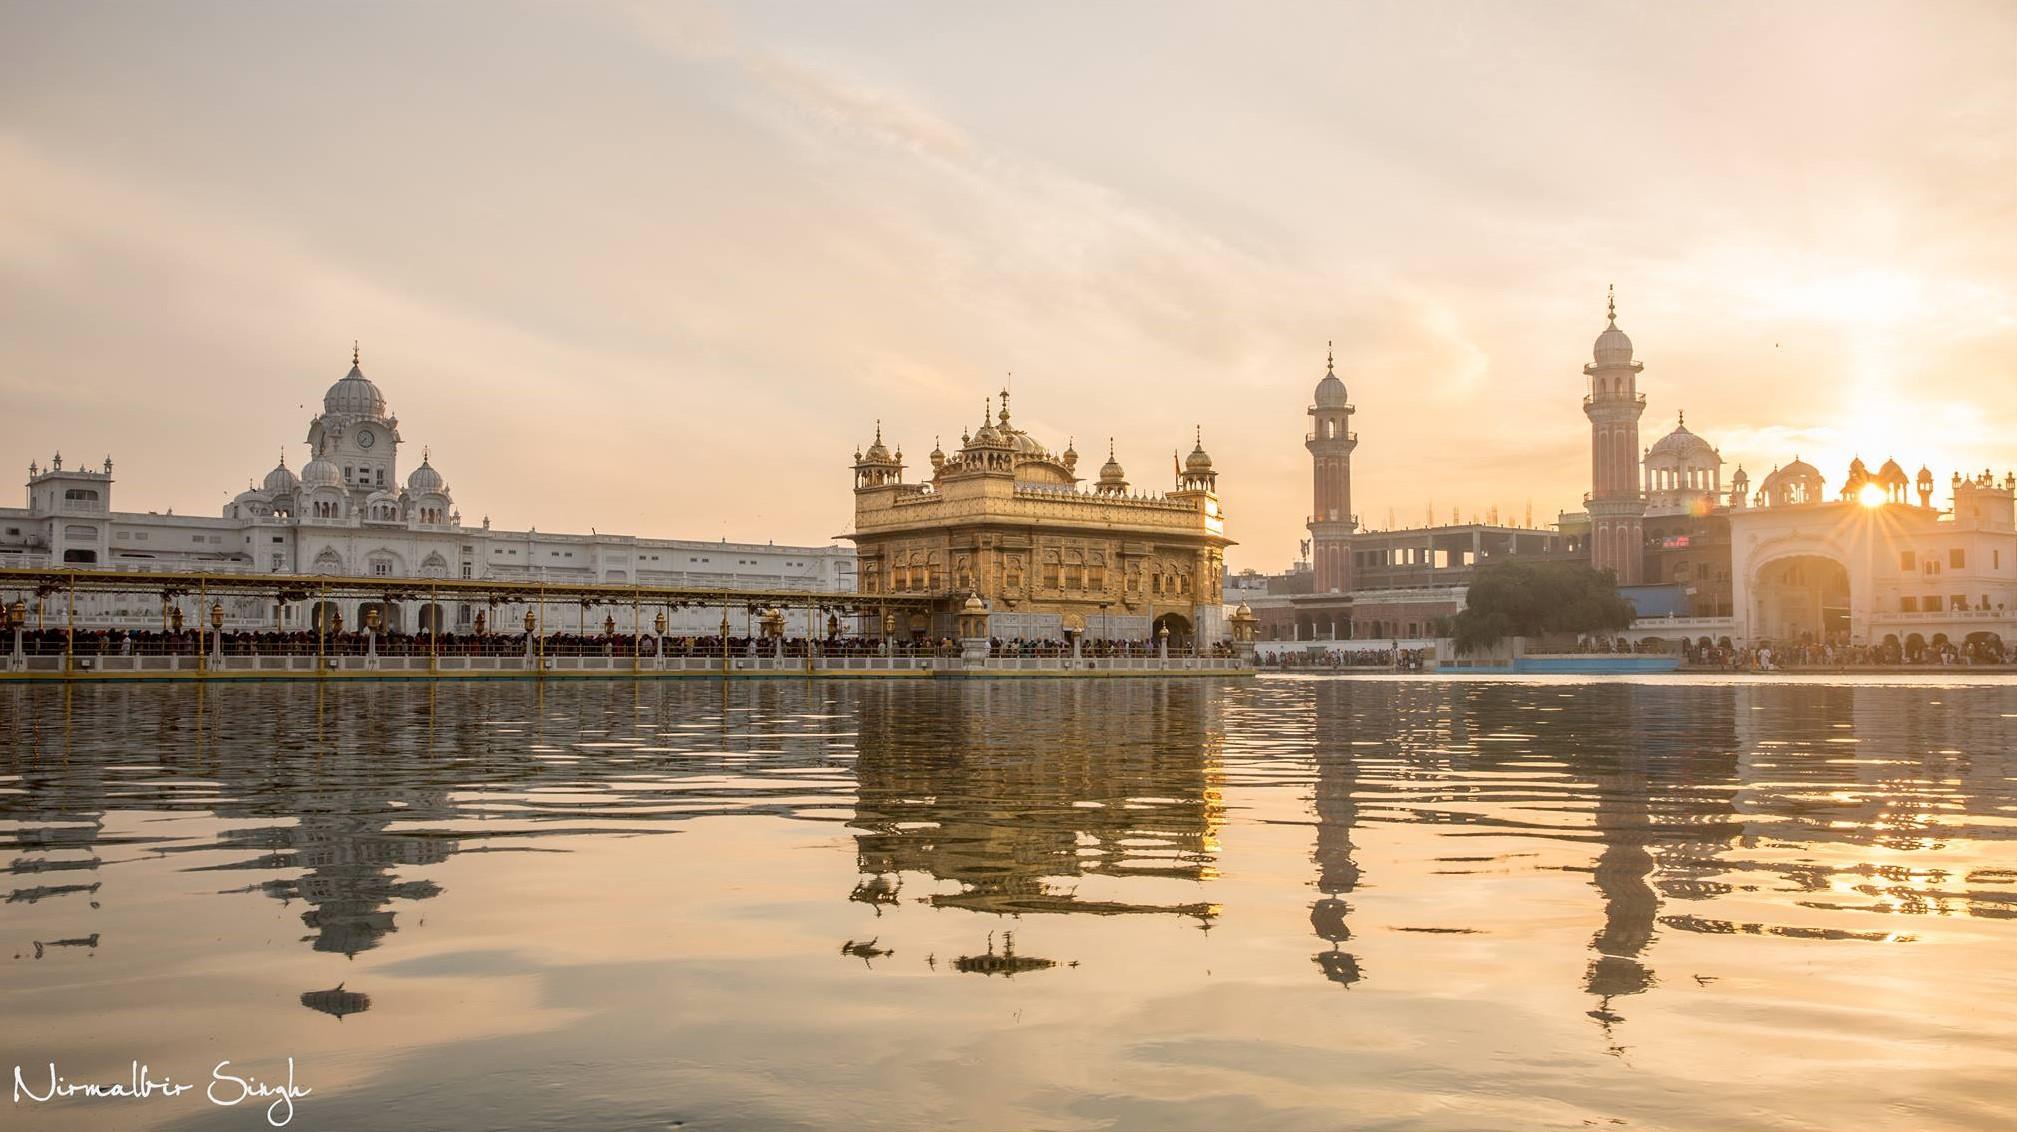 Der Goldene Tempel – Harmandir Sahib